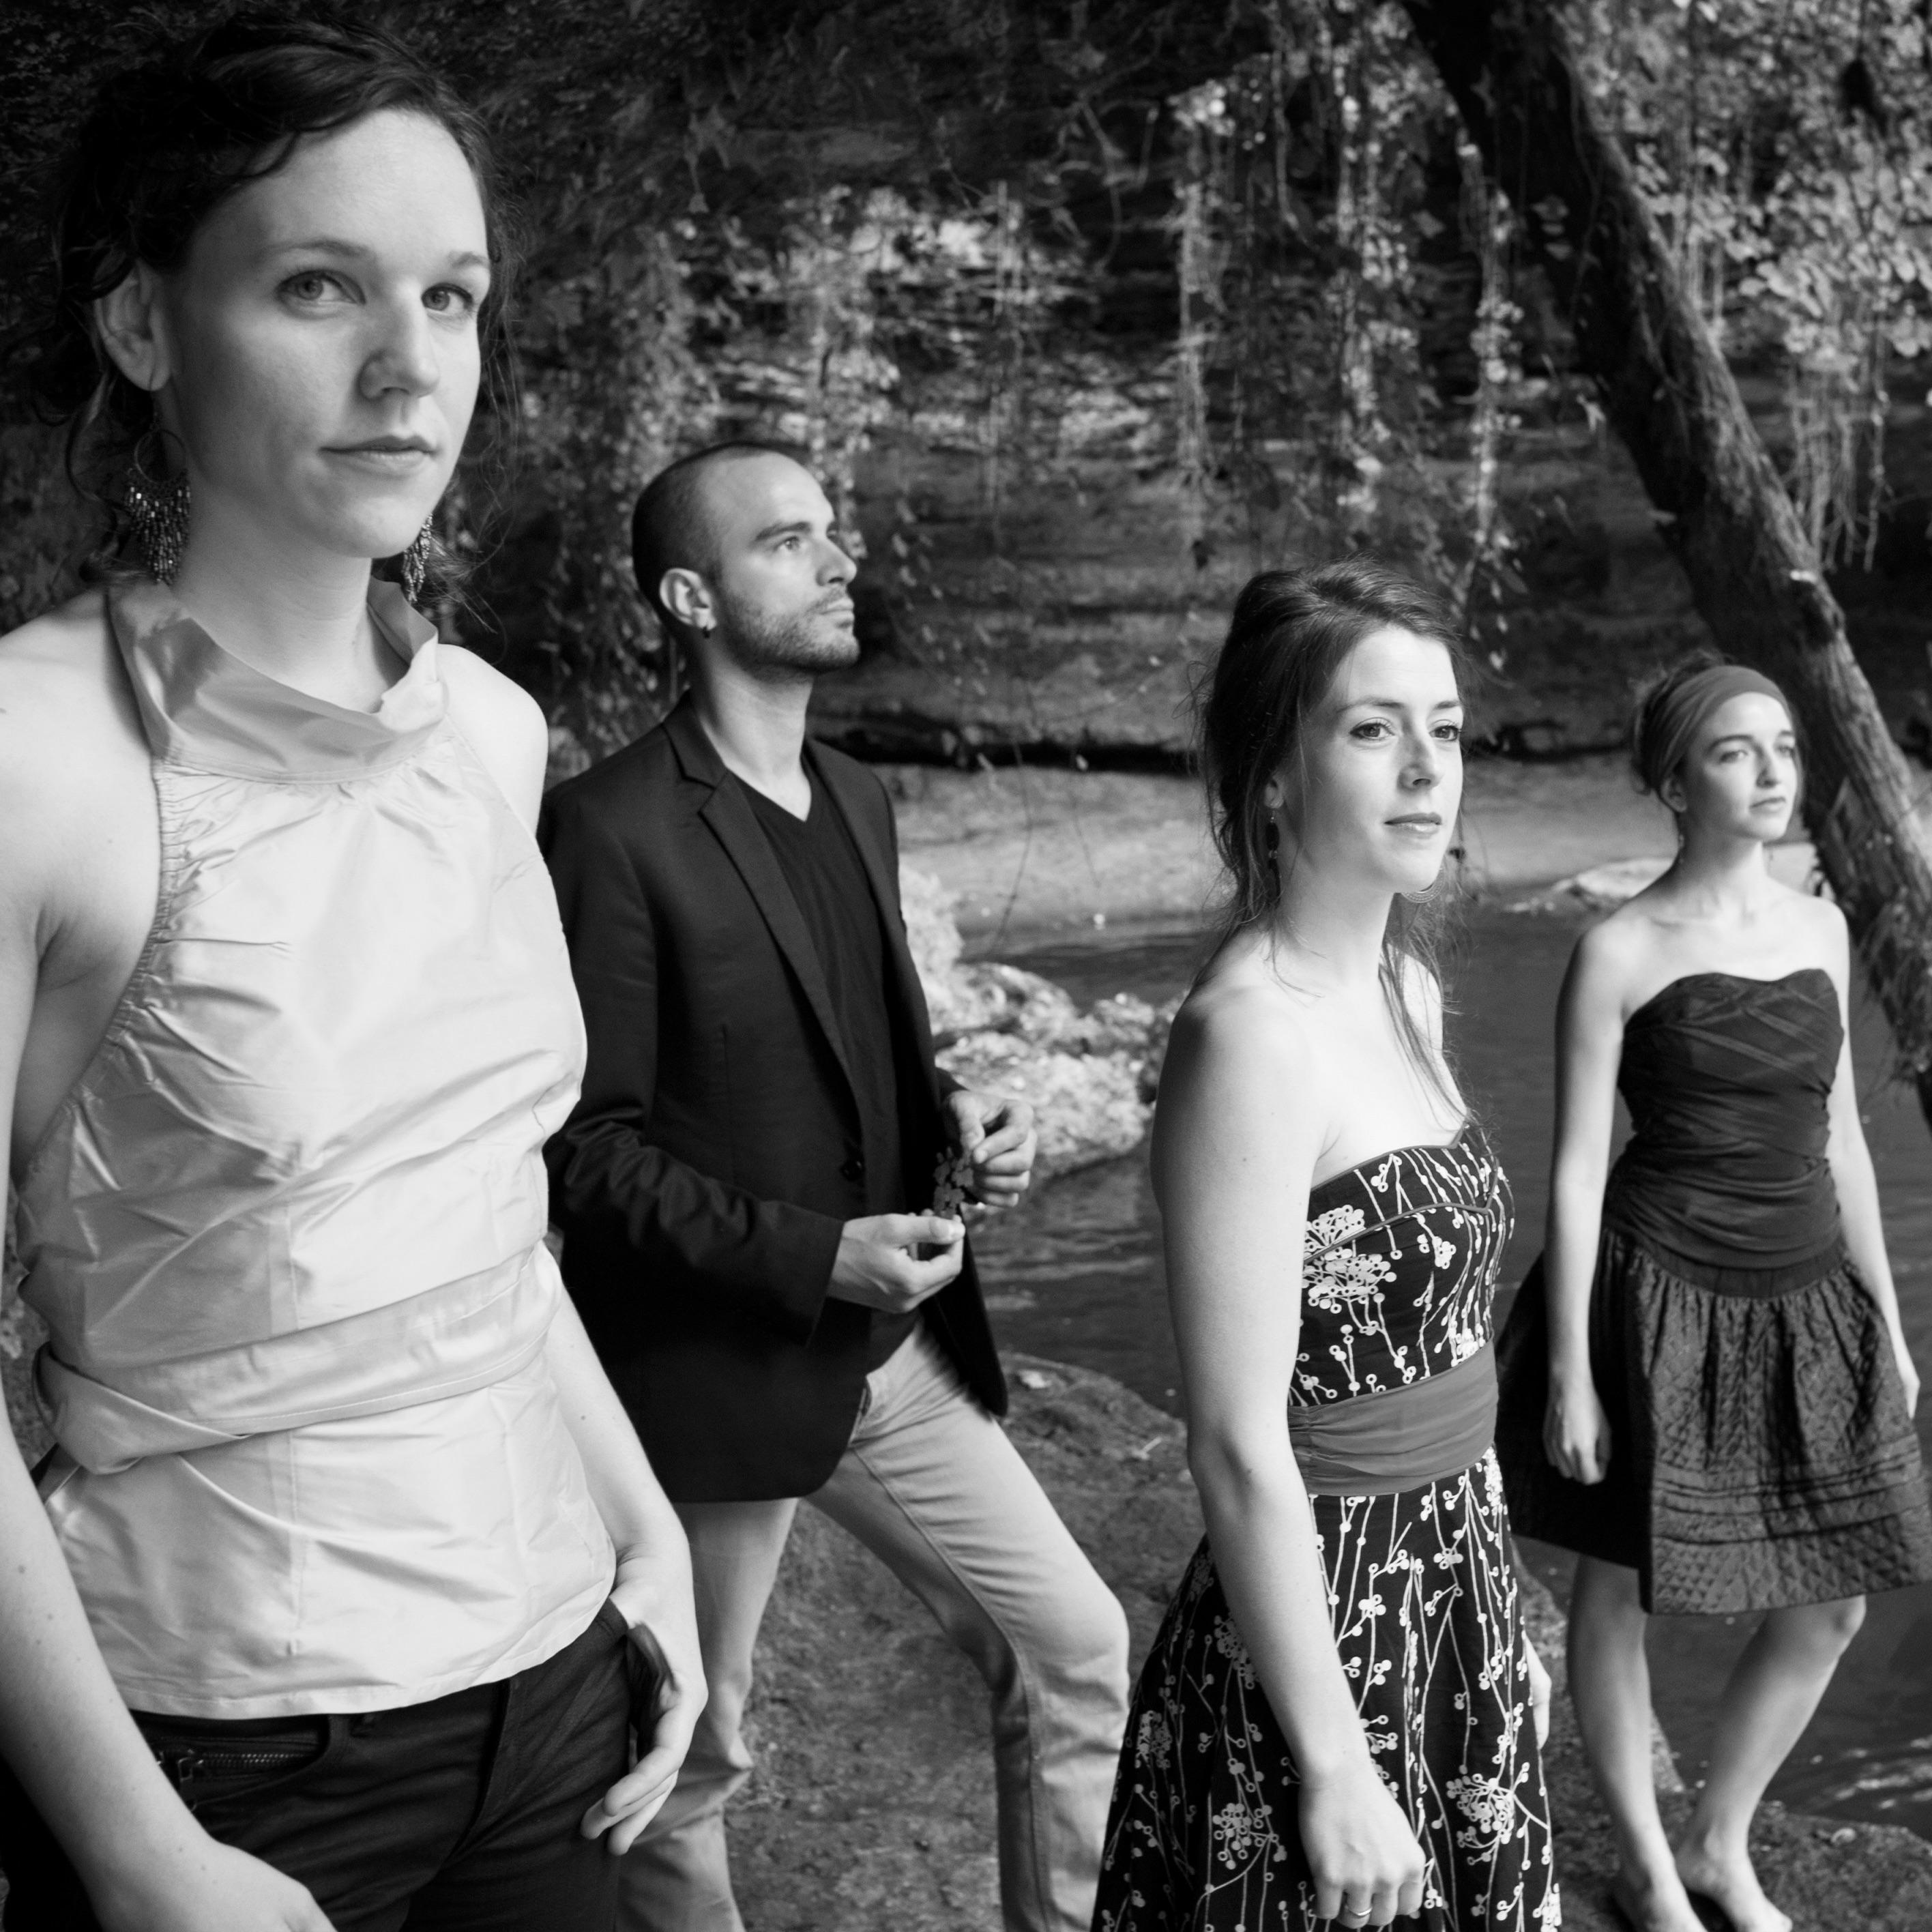 quatuor-voce1-copysophie-pawlak-nb_news.jpg